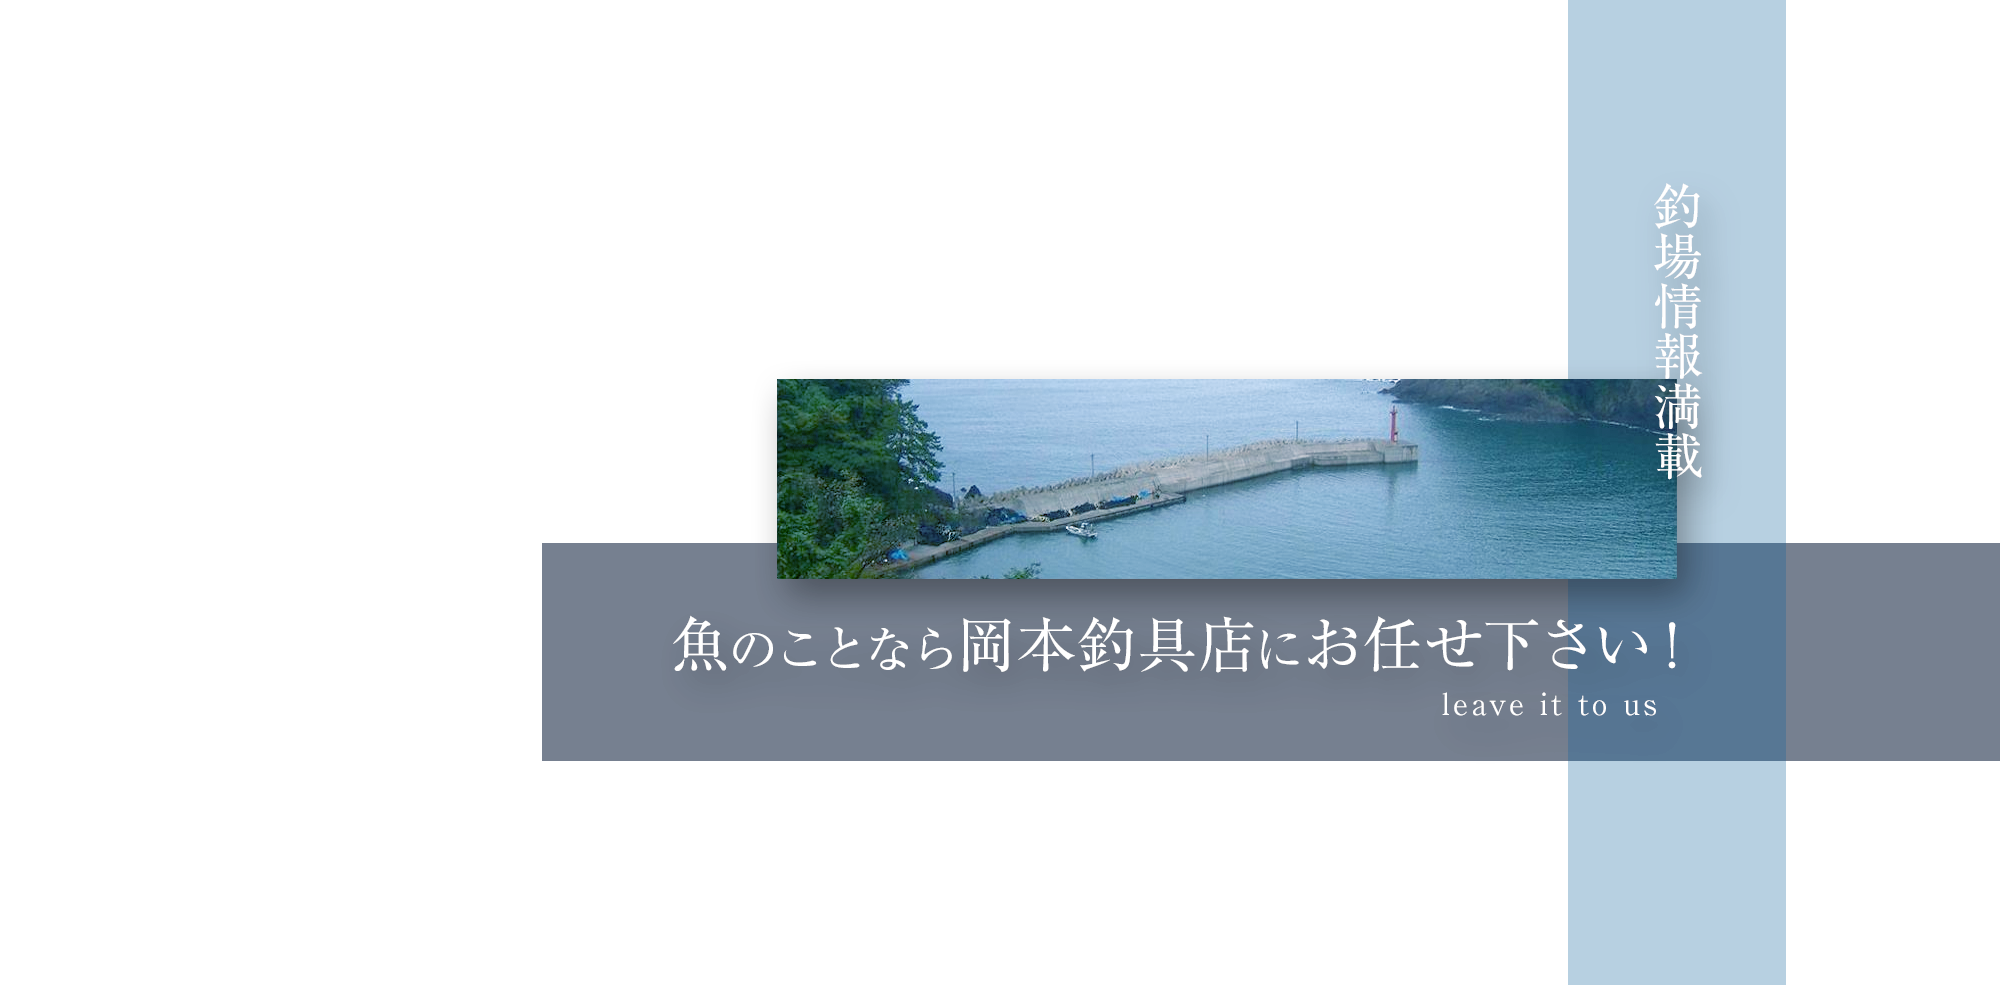 釣場情報満載 魚のことなら岡本釣具店にお任せ下さい!